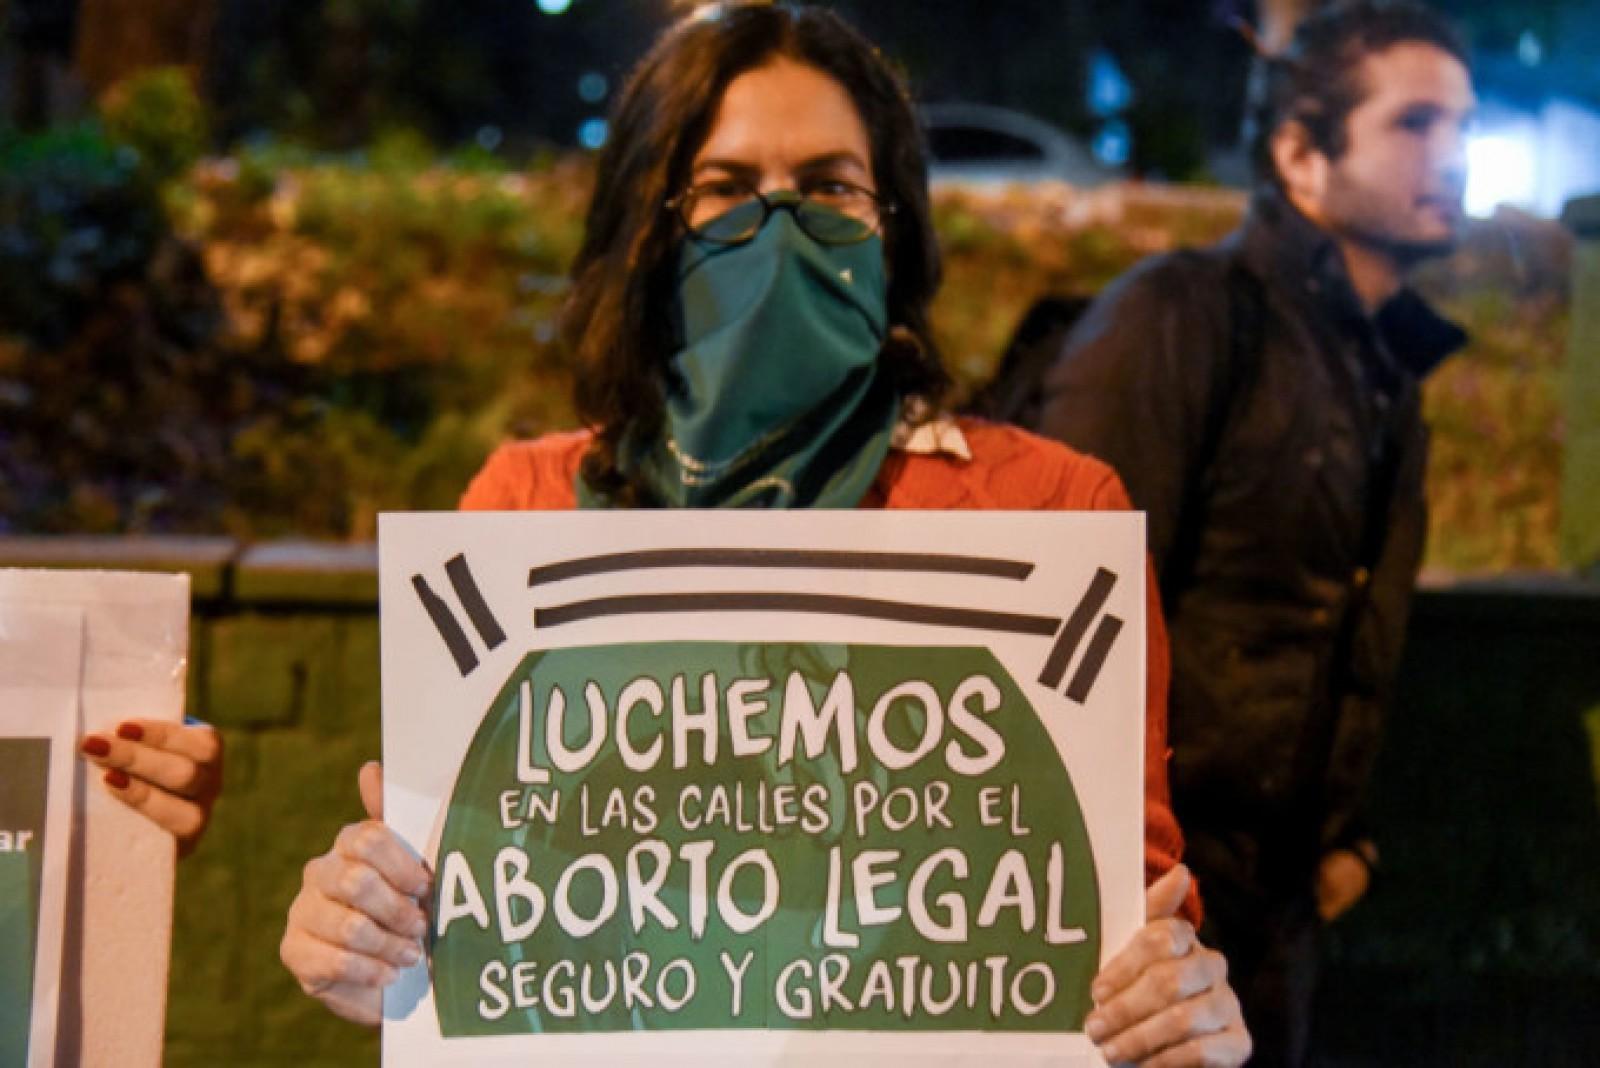 Senatul din Argentina a respins legalizarea avortului până la 14 săptămâni